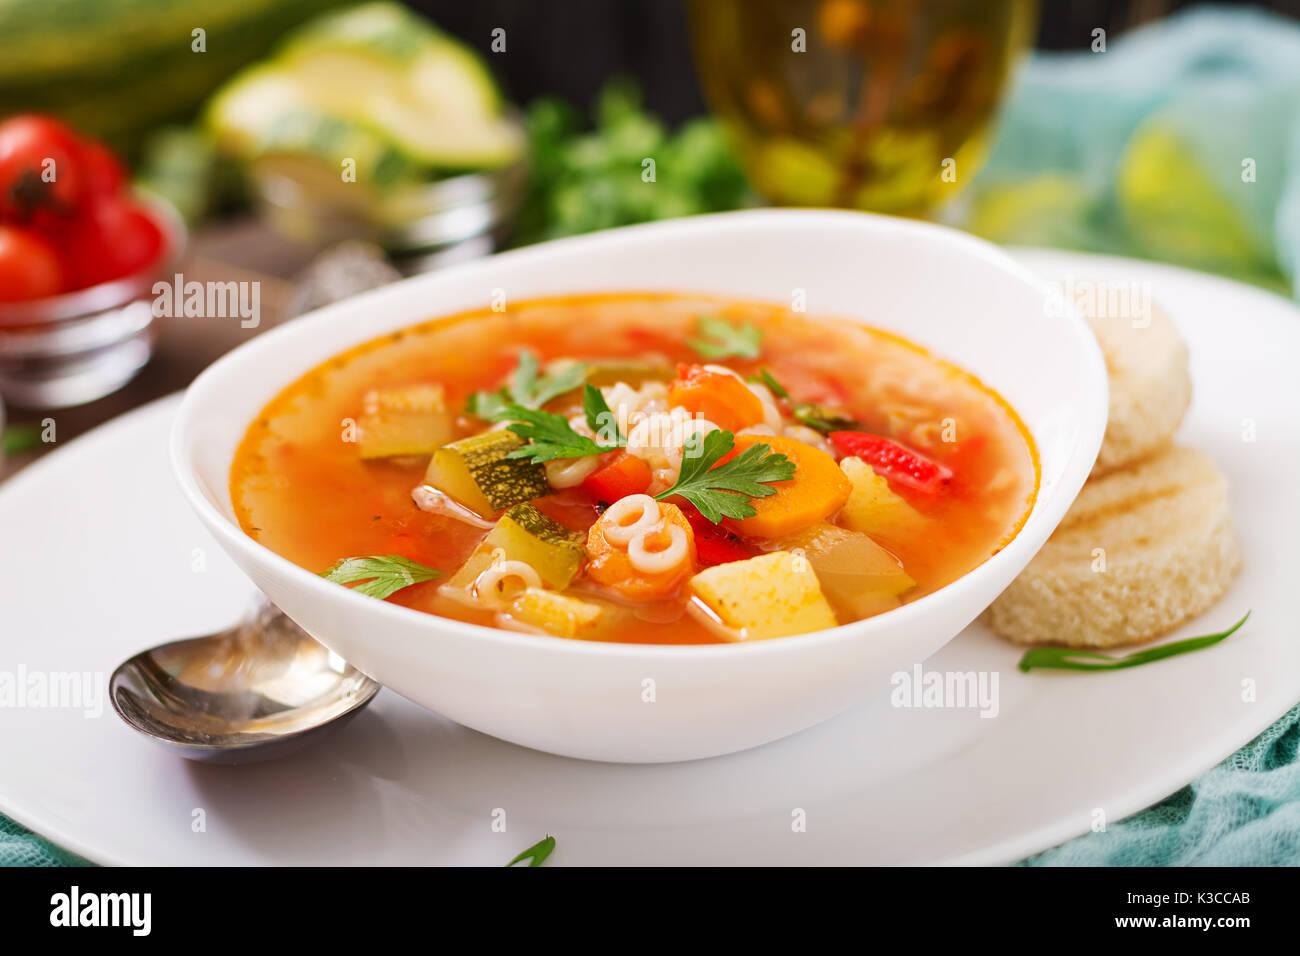 """Minestrone - """"Große Suppe', Suppe mit vielen Zutaten - ein Gericht der Italienischen Küche, leichte saisonale Gemüsesuppe Stockfoto"""